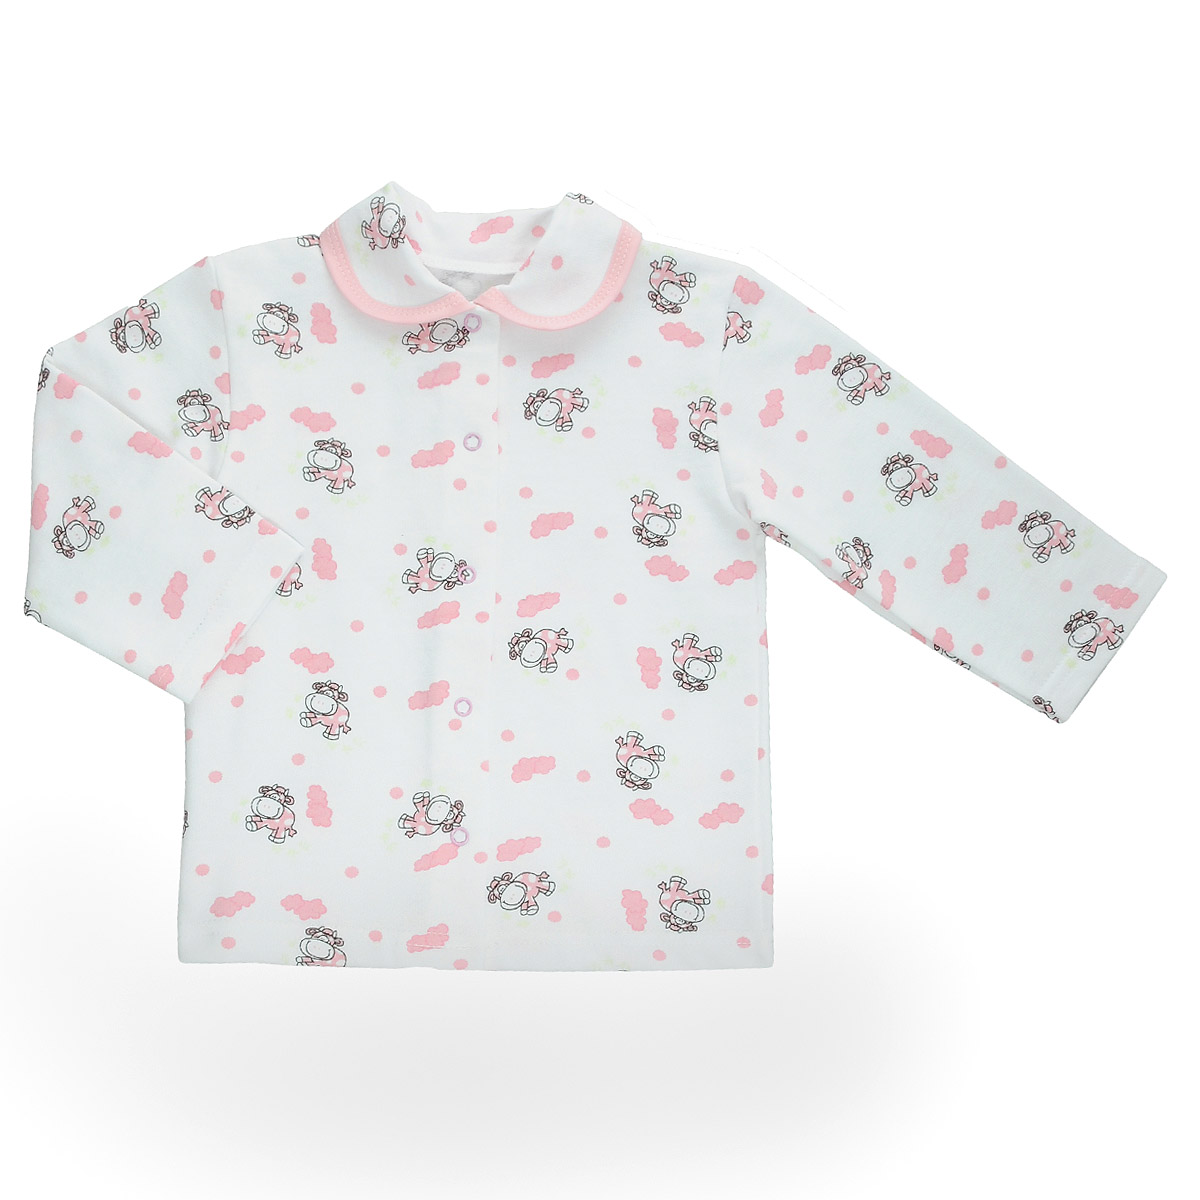 Кофточка детская Трон-Плюс, цвет: белый, розовый, рисунок коровы. 5175. Размер 86, 18 месяцев5175Кофточка для новорожденного Трон-плюс с длинными рукавами послужит идеальным дополнением к гардеробу вашего малыша, обеспечивая ему наибольший комфорт. Изготовленная из футерованного полотна - натурального хлопка, она необычайно мягкая и легкая, не раздражает нежную кожу ребенка и хорошо вентилируется, а эластичные швы приятны телу малыша и не препятствуют его движениям. Удобные застежки-кнопки по всей длине помогают легко переодеть младенца. Модель дополнена отложным воротником.Кофточка полностью соответствует особенностям жизни ребенка в ранний период, не стесняя и не ограничивая его в движениях.